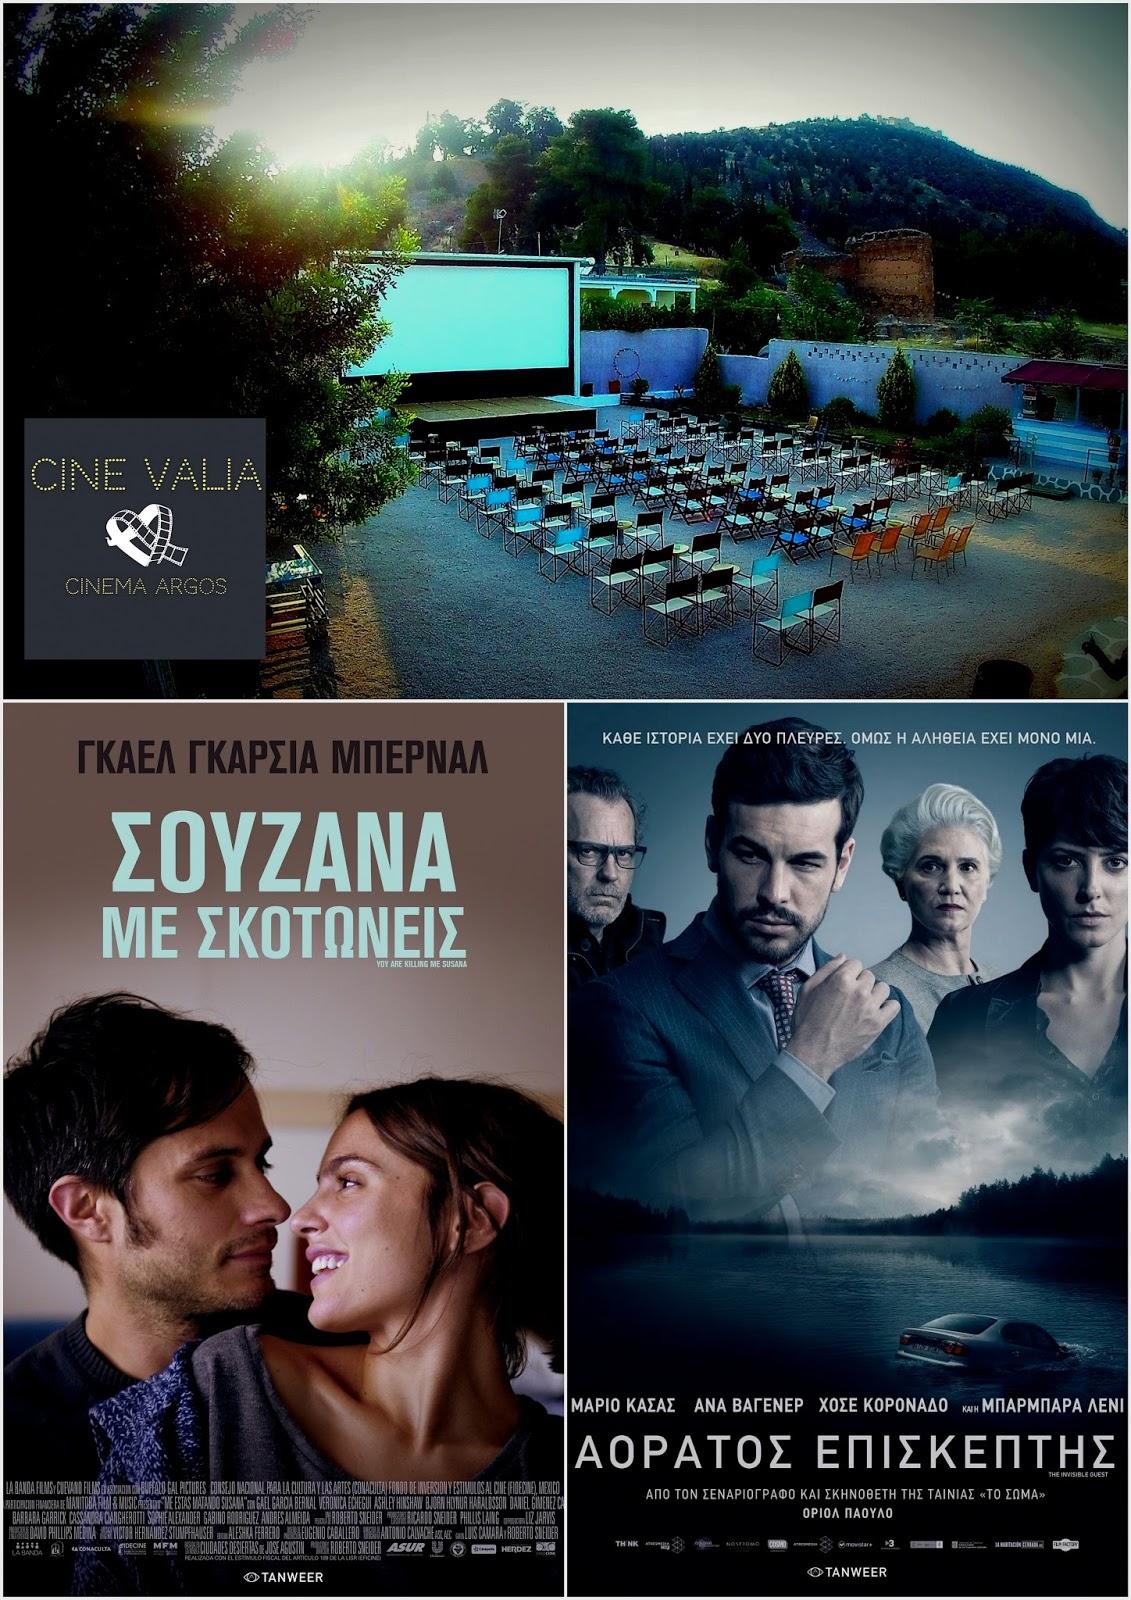 Άργος: Δύο διαμάντια του παγκόσμιου κινηματογράφου στο CINE VALIA